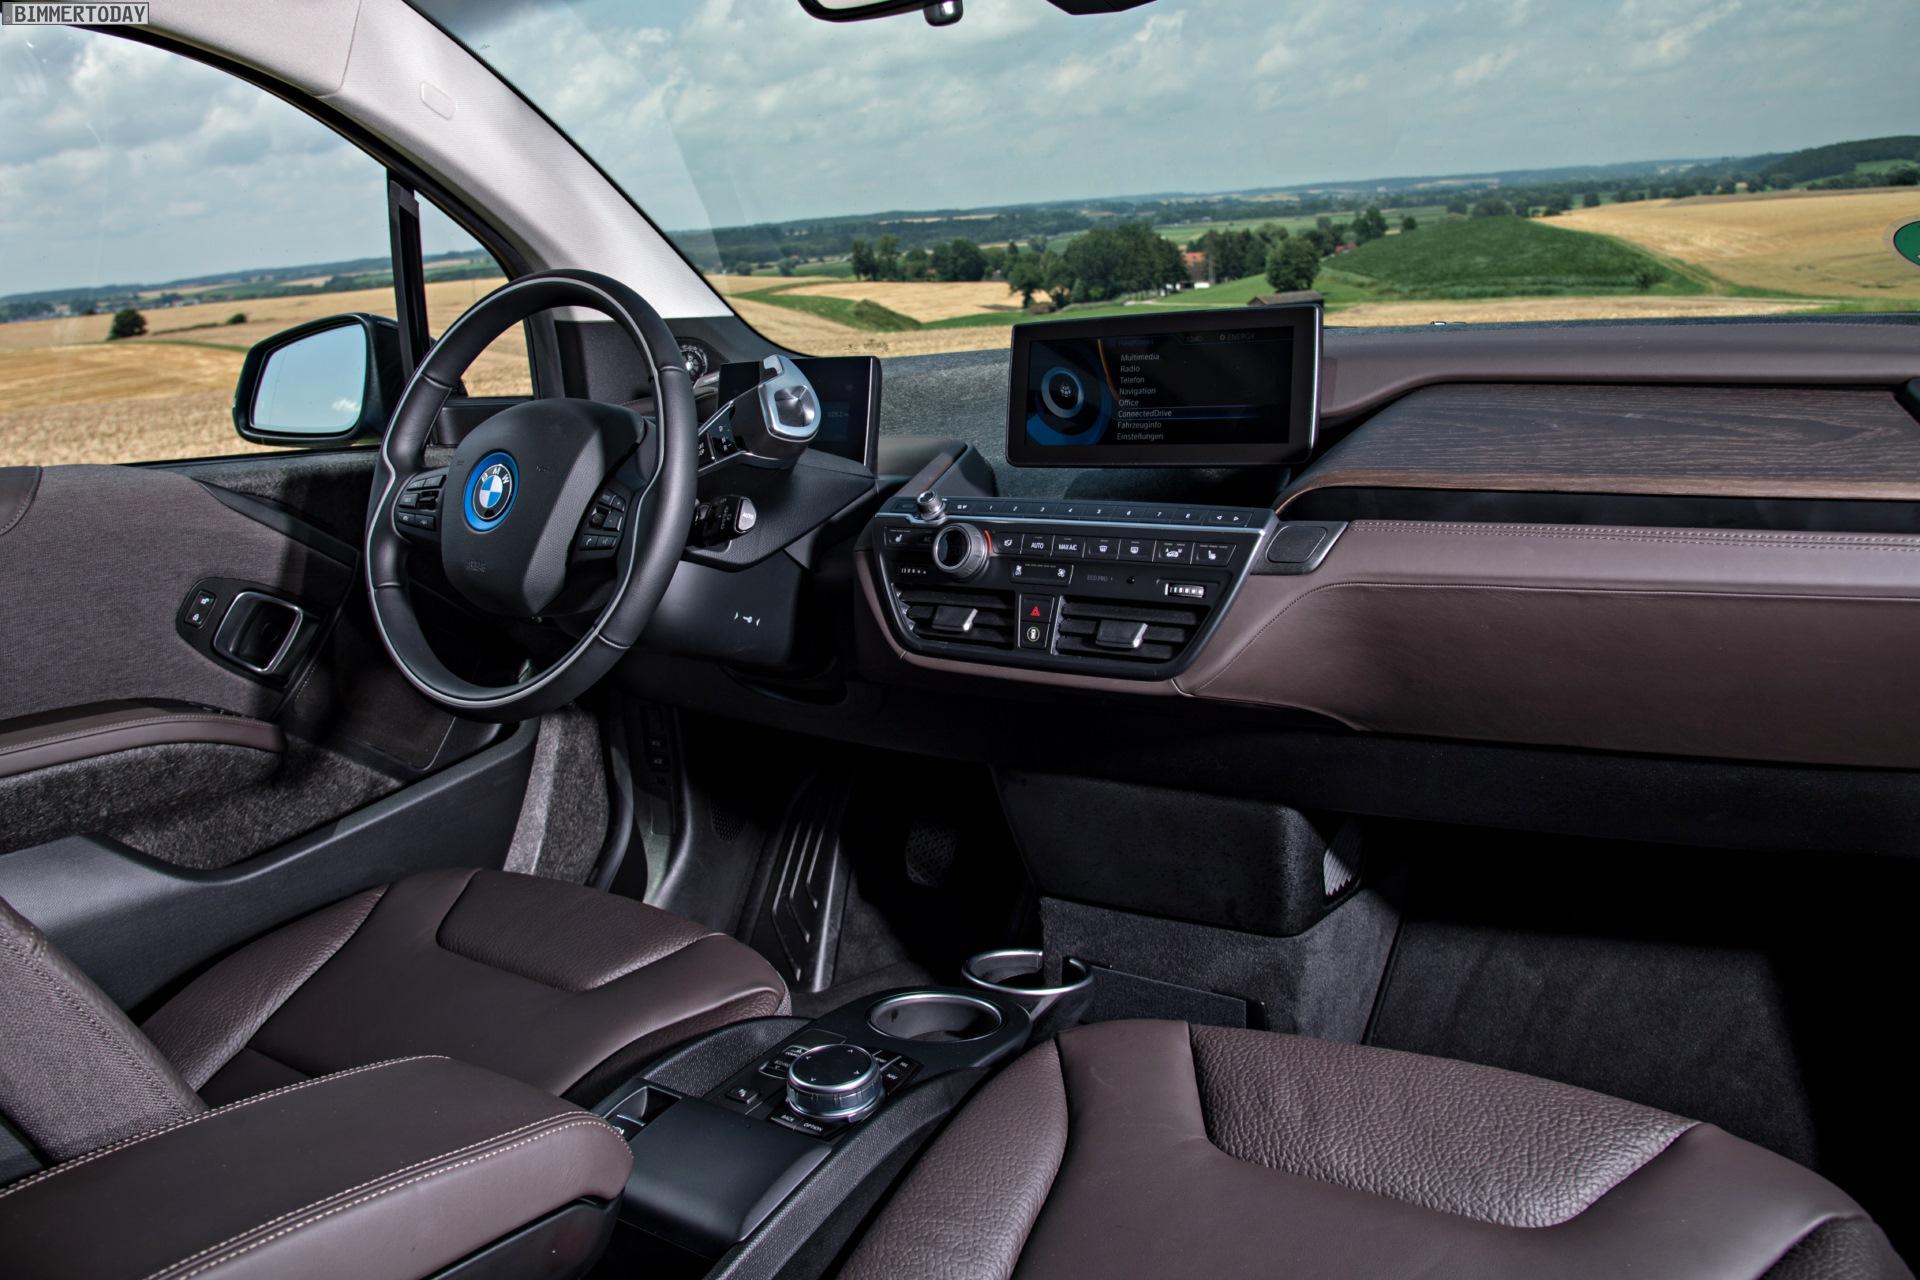 2016Erste I3 94ah Bestätigt Reichweiten Bmw Plus Fahrt OPXulkZiTw